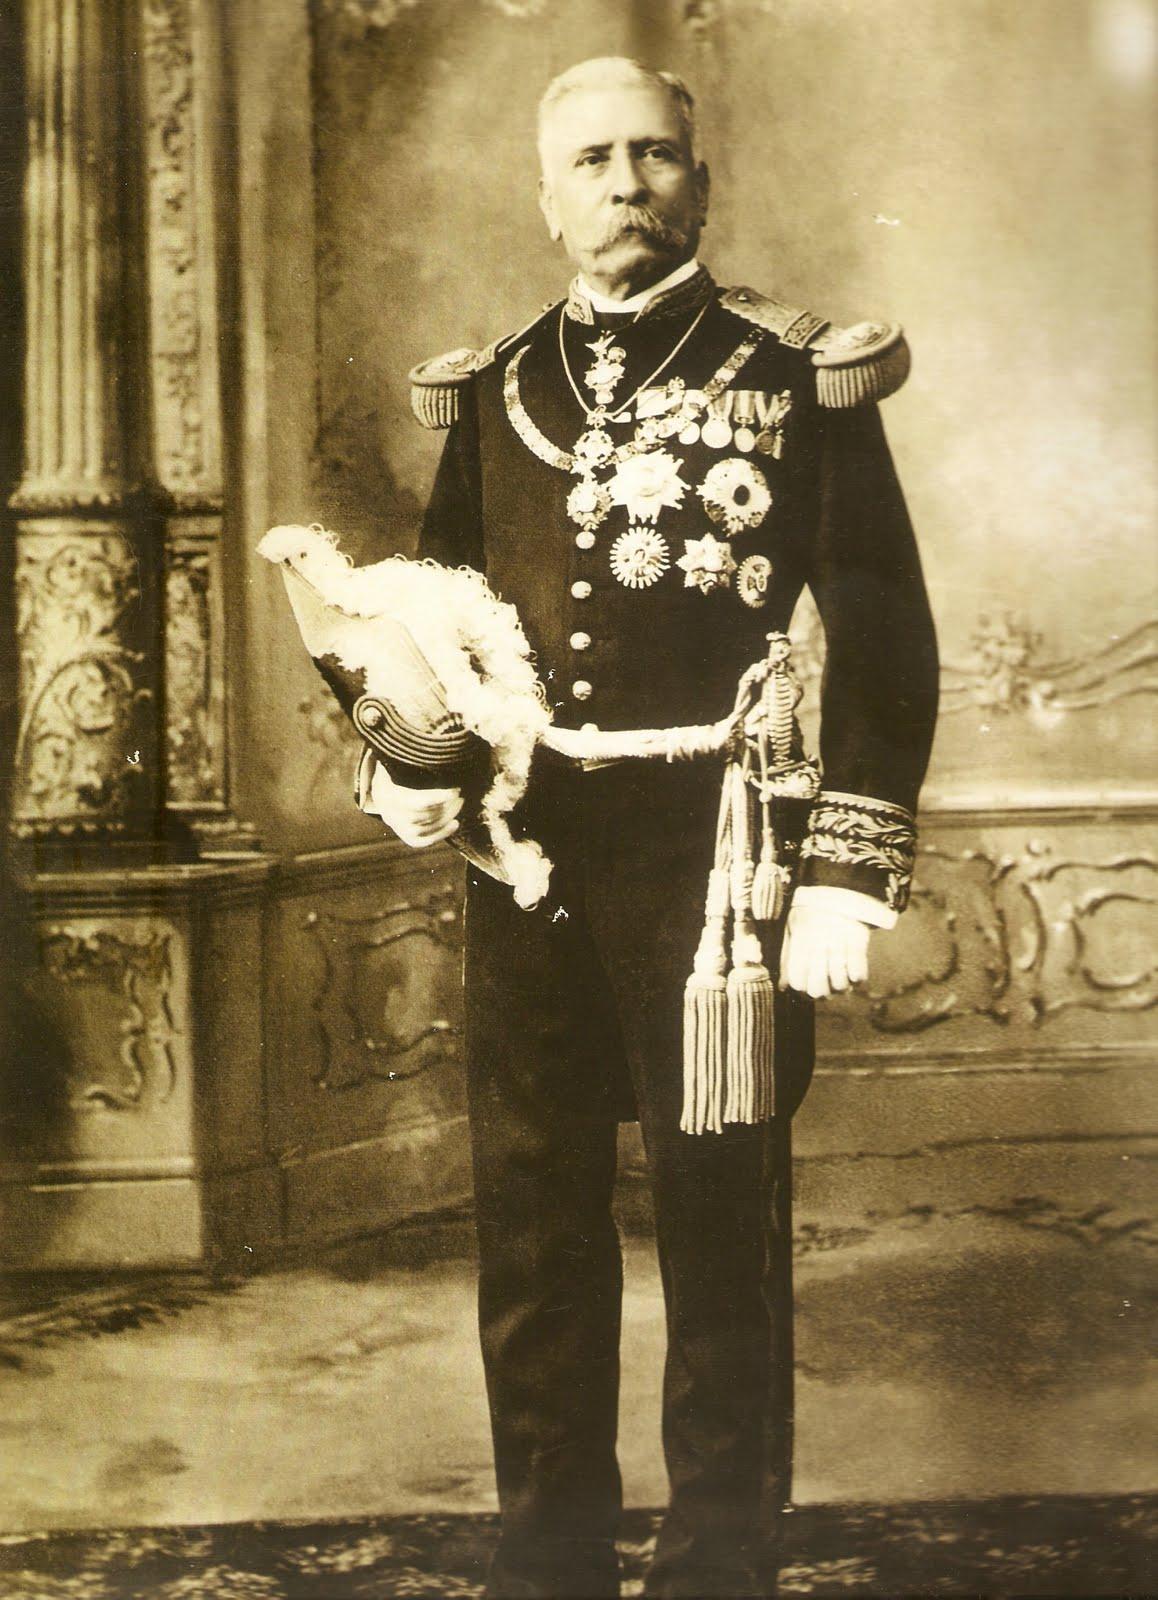 a biography of jose de la cruz porfirio the future dictator of mexico Found: recuerdos de un viaje en honor de la visita, a los estados unidos, del general porfirio diaz con sus compañeros en marzo y abril 1883, 1883.